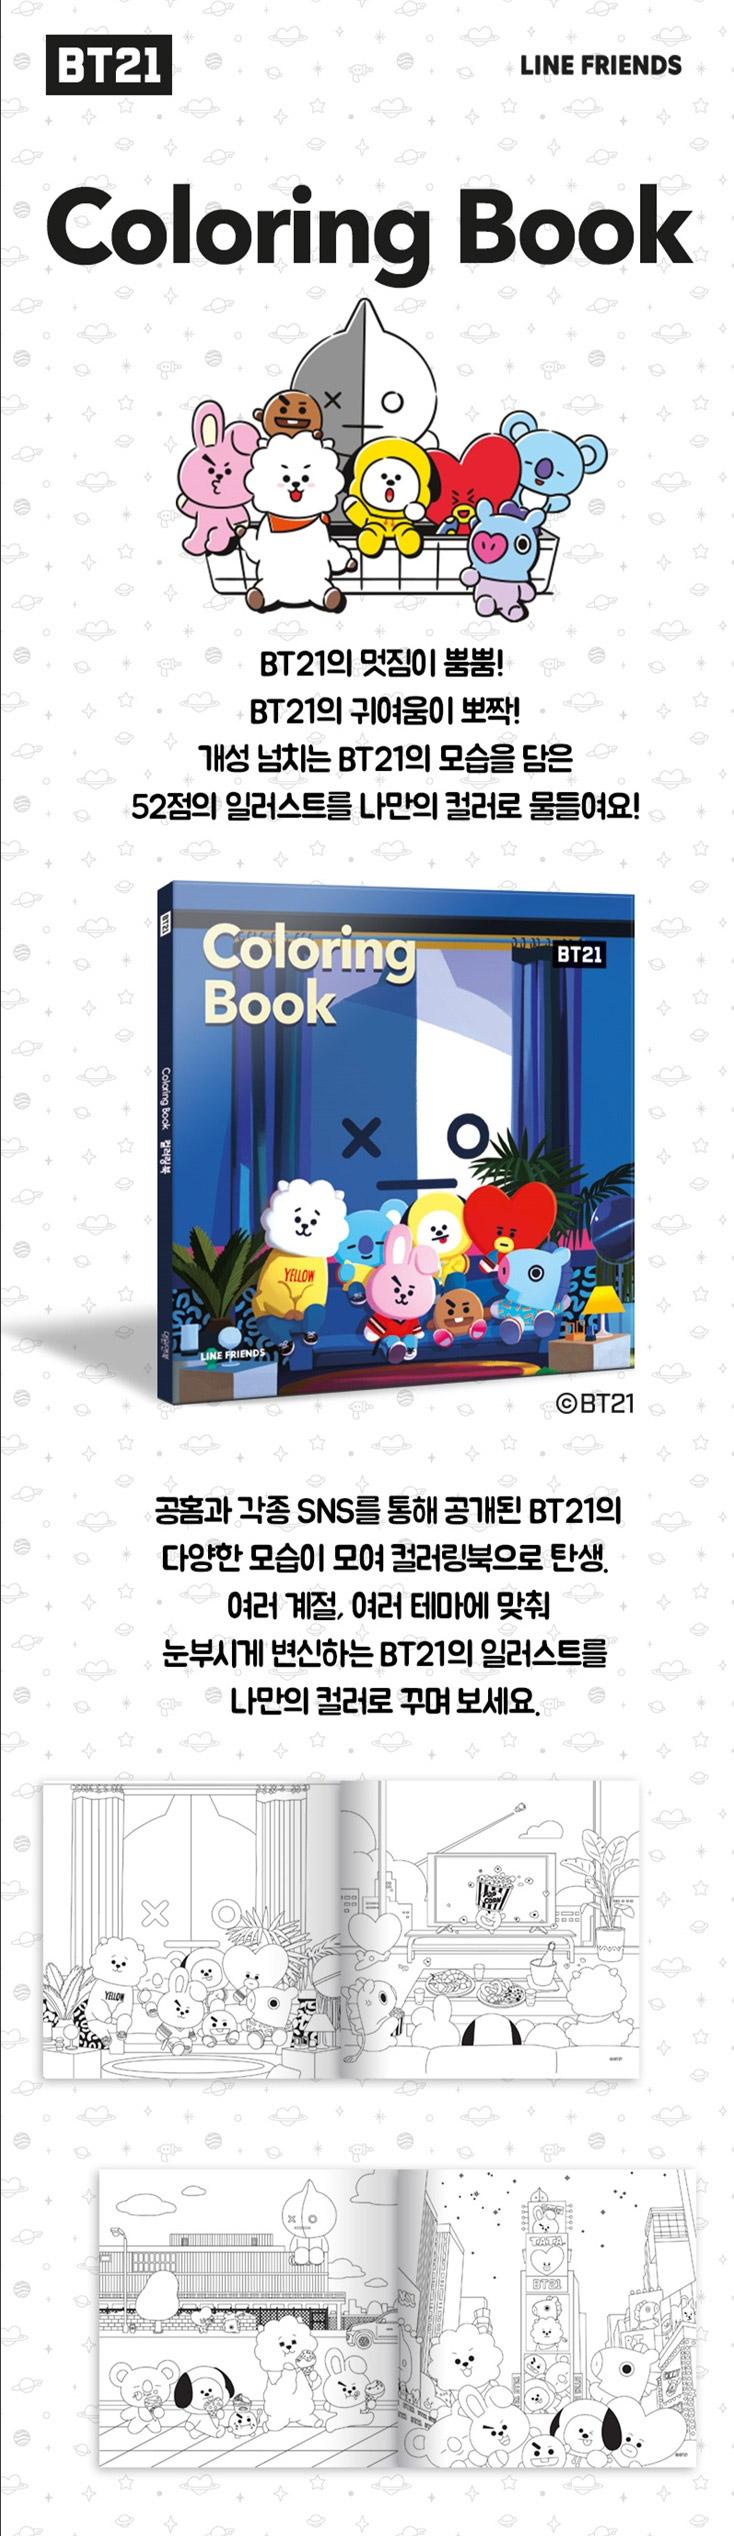 bt21_coloringbook_01.jpg